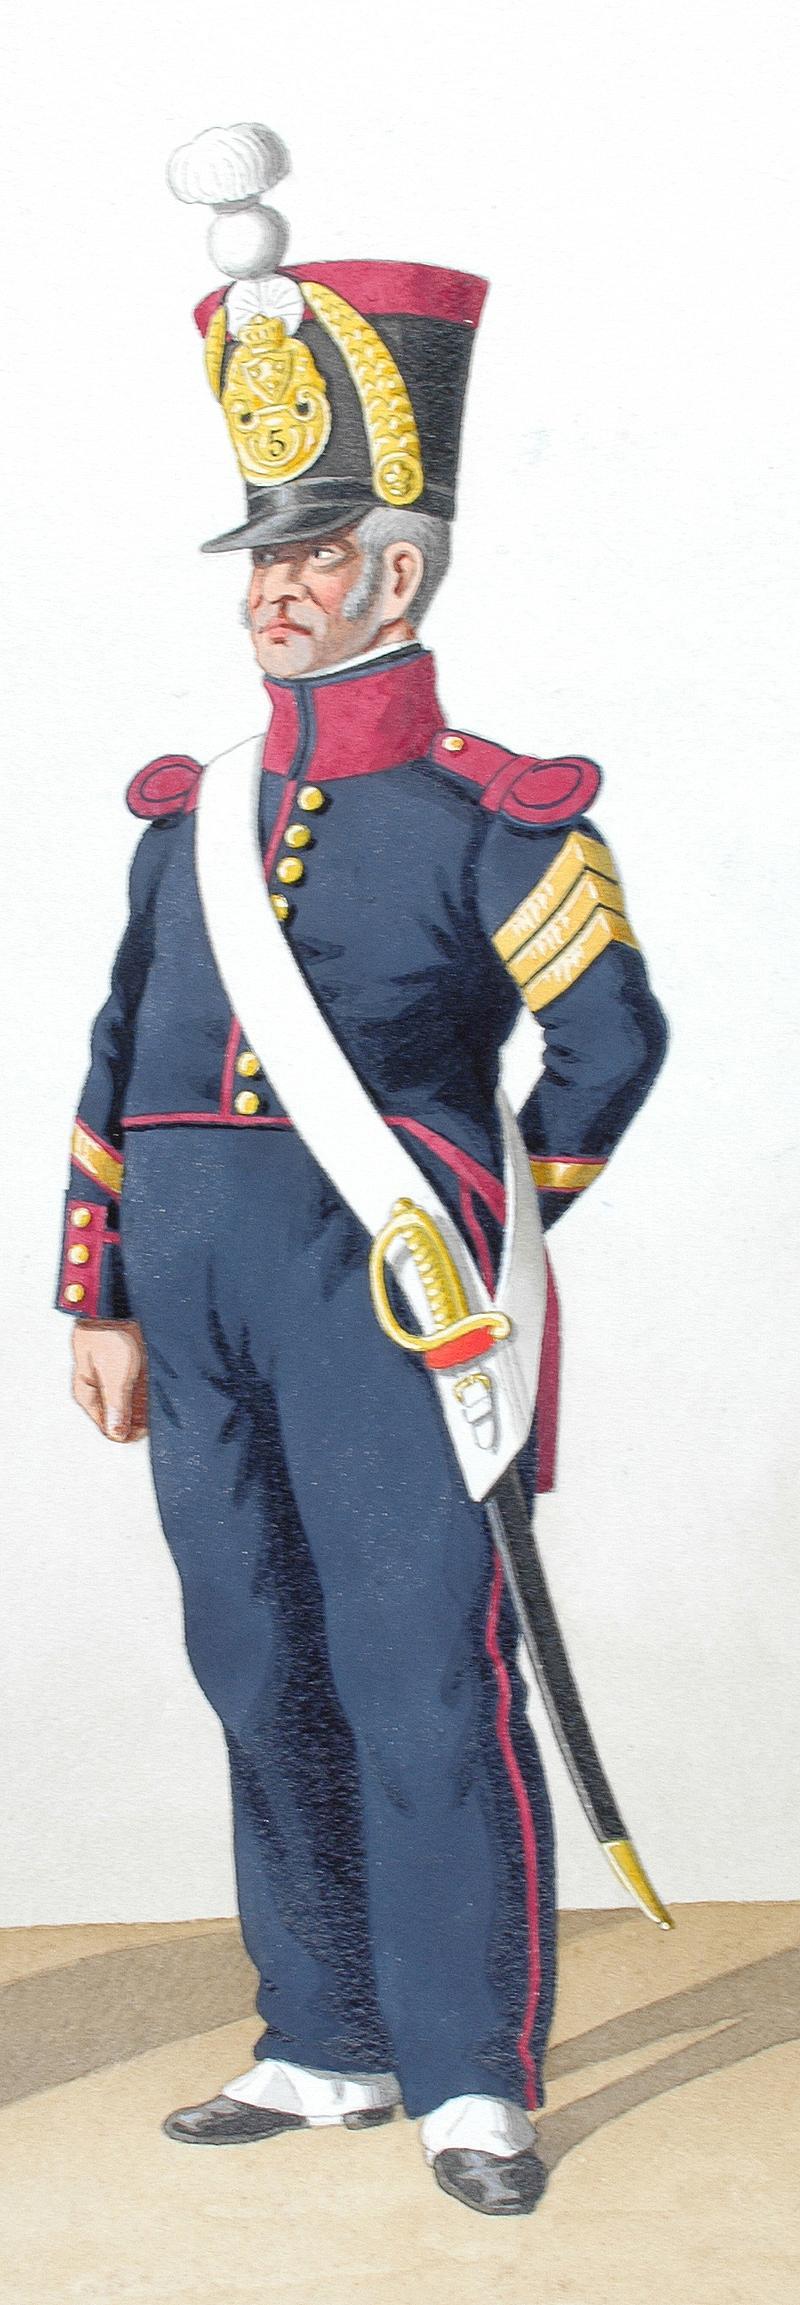 Confection d'une cravate de sabre briquet, qu'en pensez-vous? 1828-infanterie-de-ligne-adjudant-sous-officier-maitre-ouvrier-5e-regiment_2